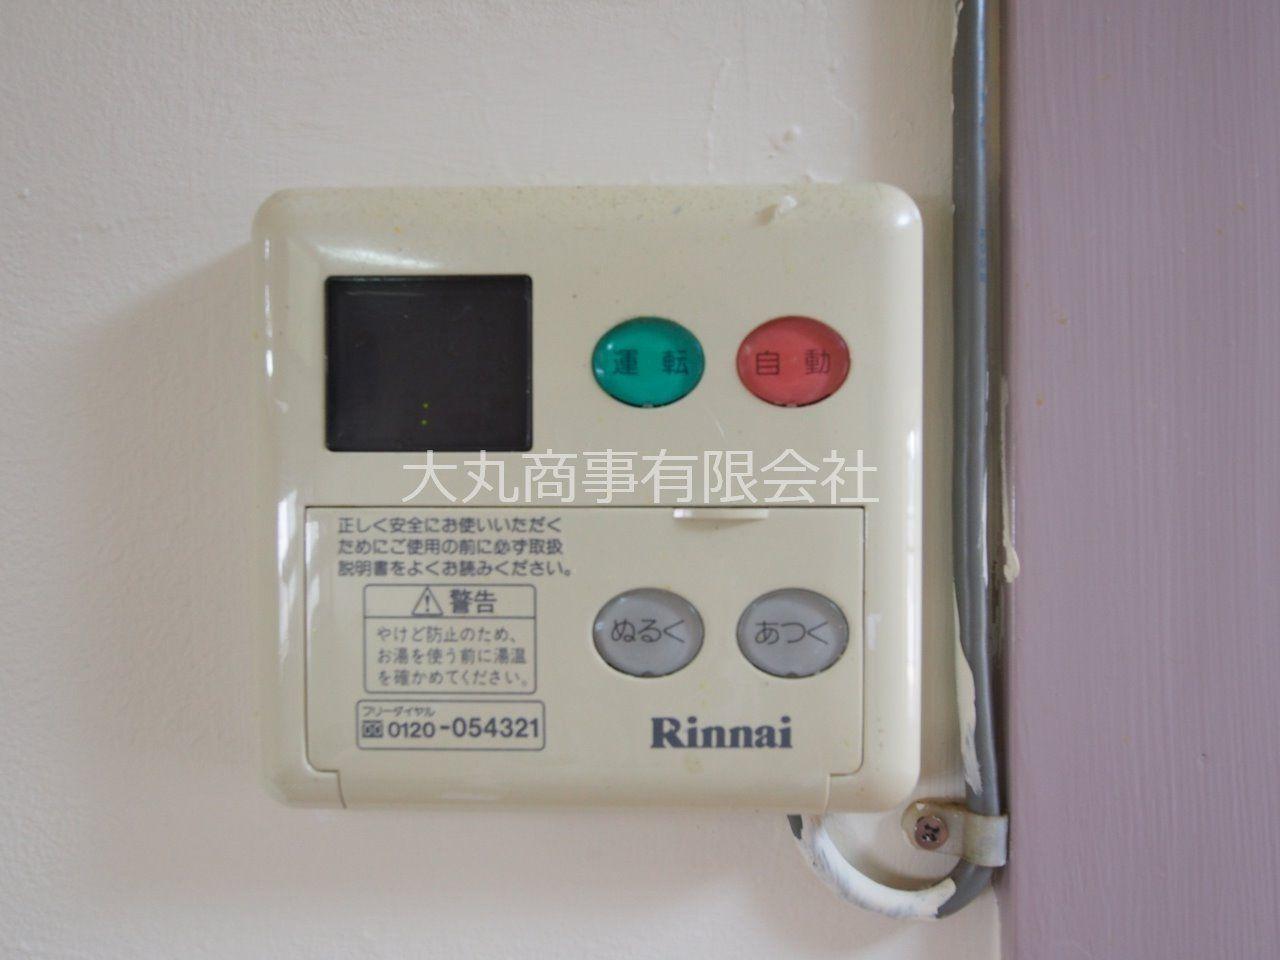 快適な温度のお湯を設定できるコントローラー